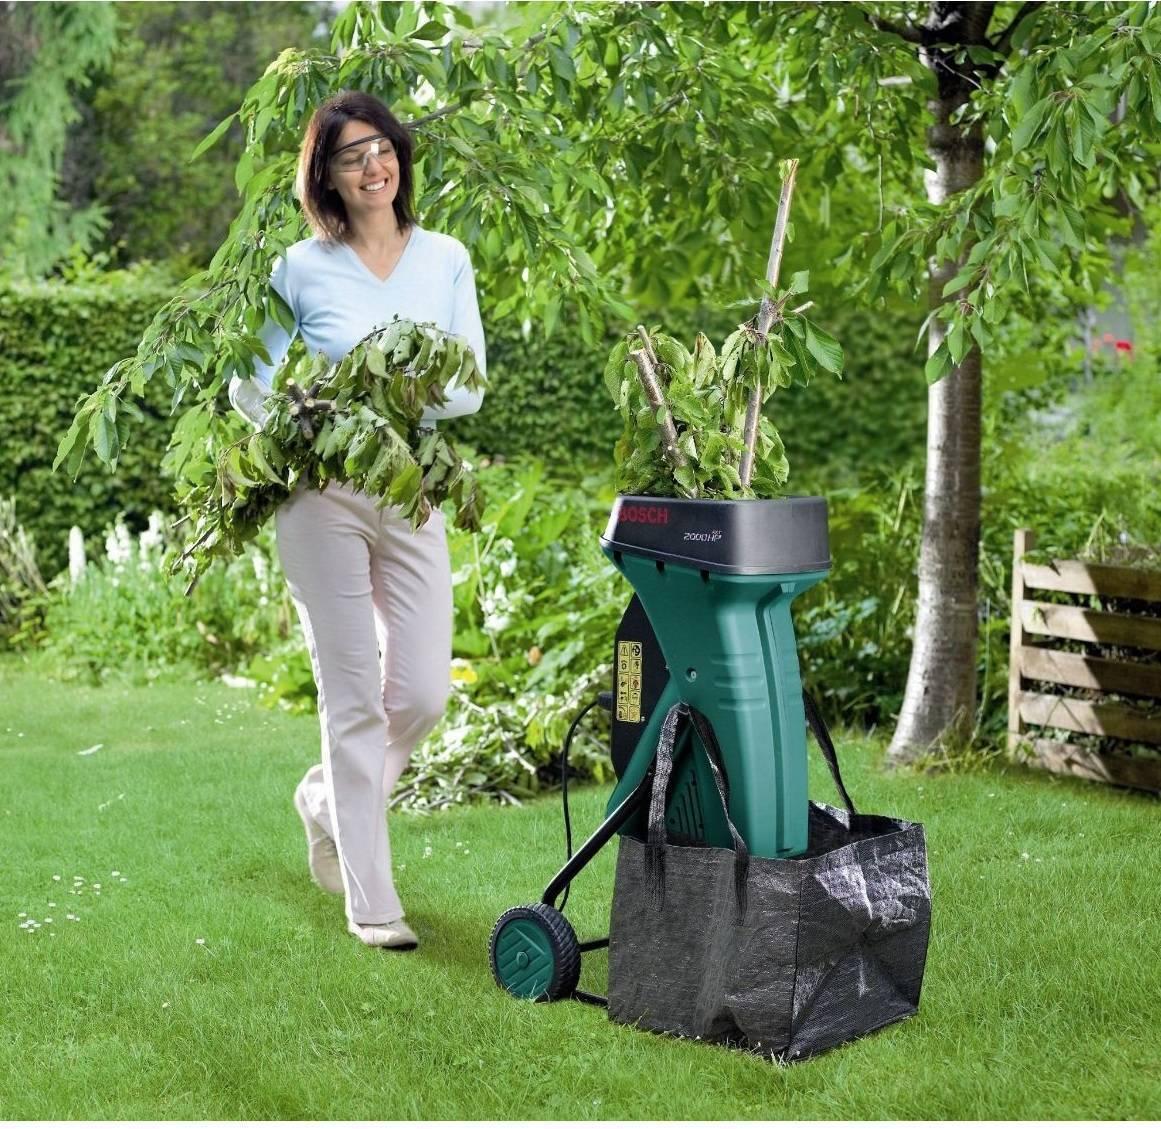 Обзор 8-ми лучших моделей садовых измельчителей. рейтинг по отзывам пользователей